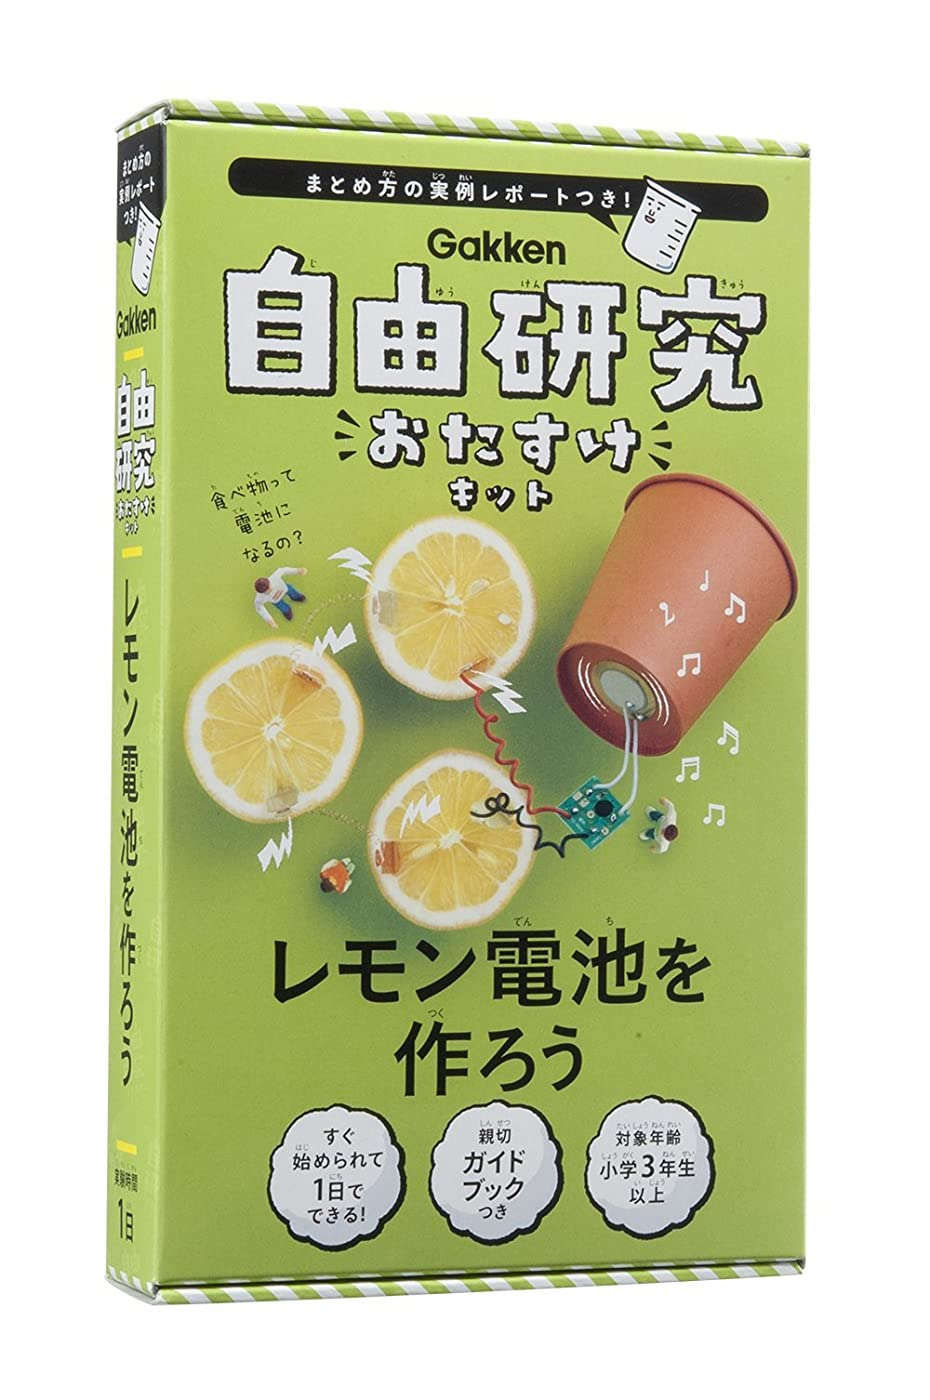 溶接とは異なり月曜レモン電池を作ろう (自由研究おたすけキット)